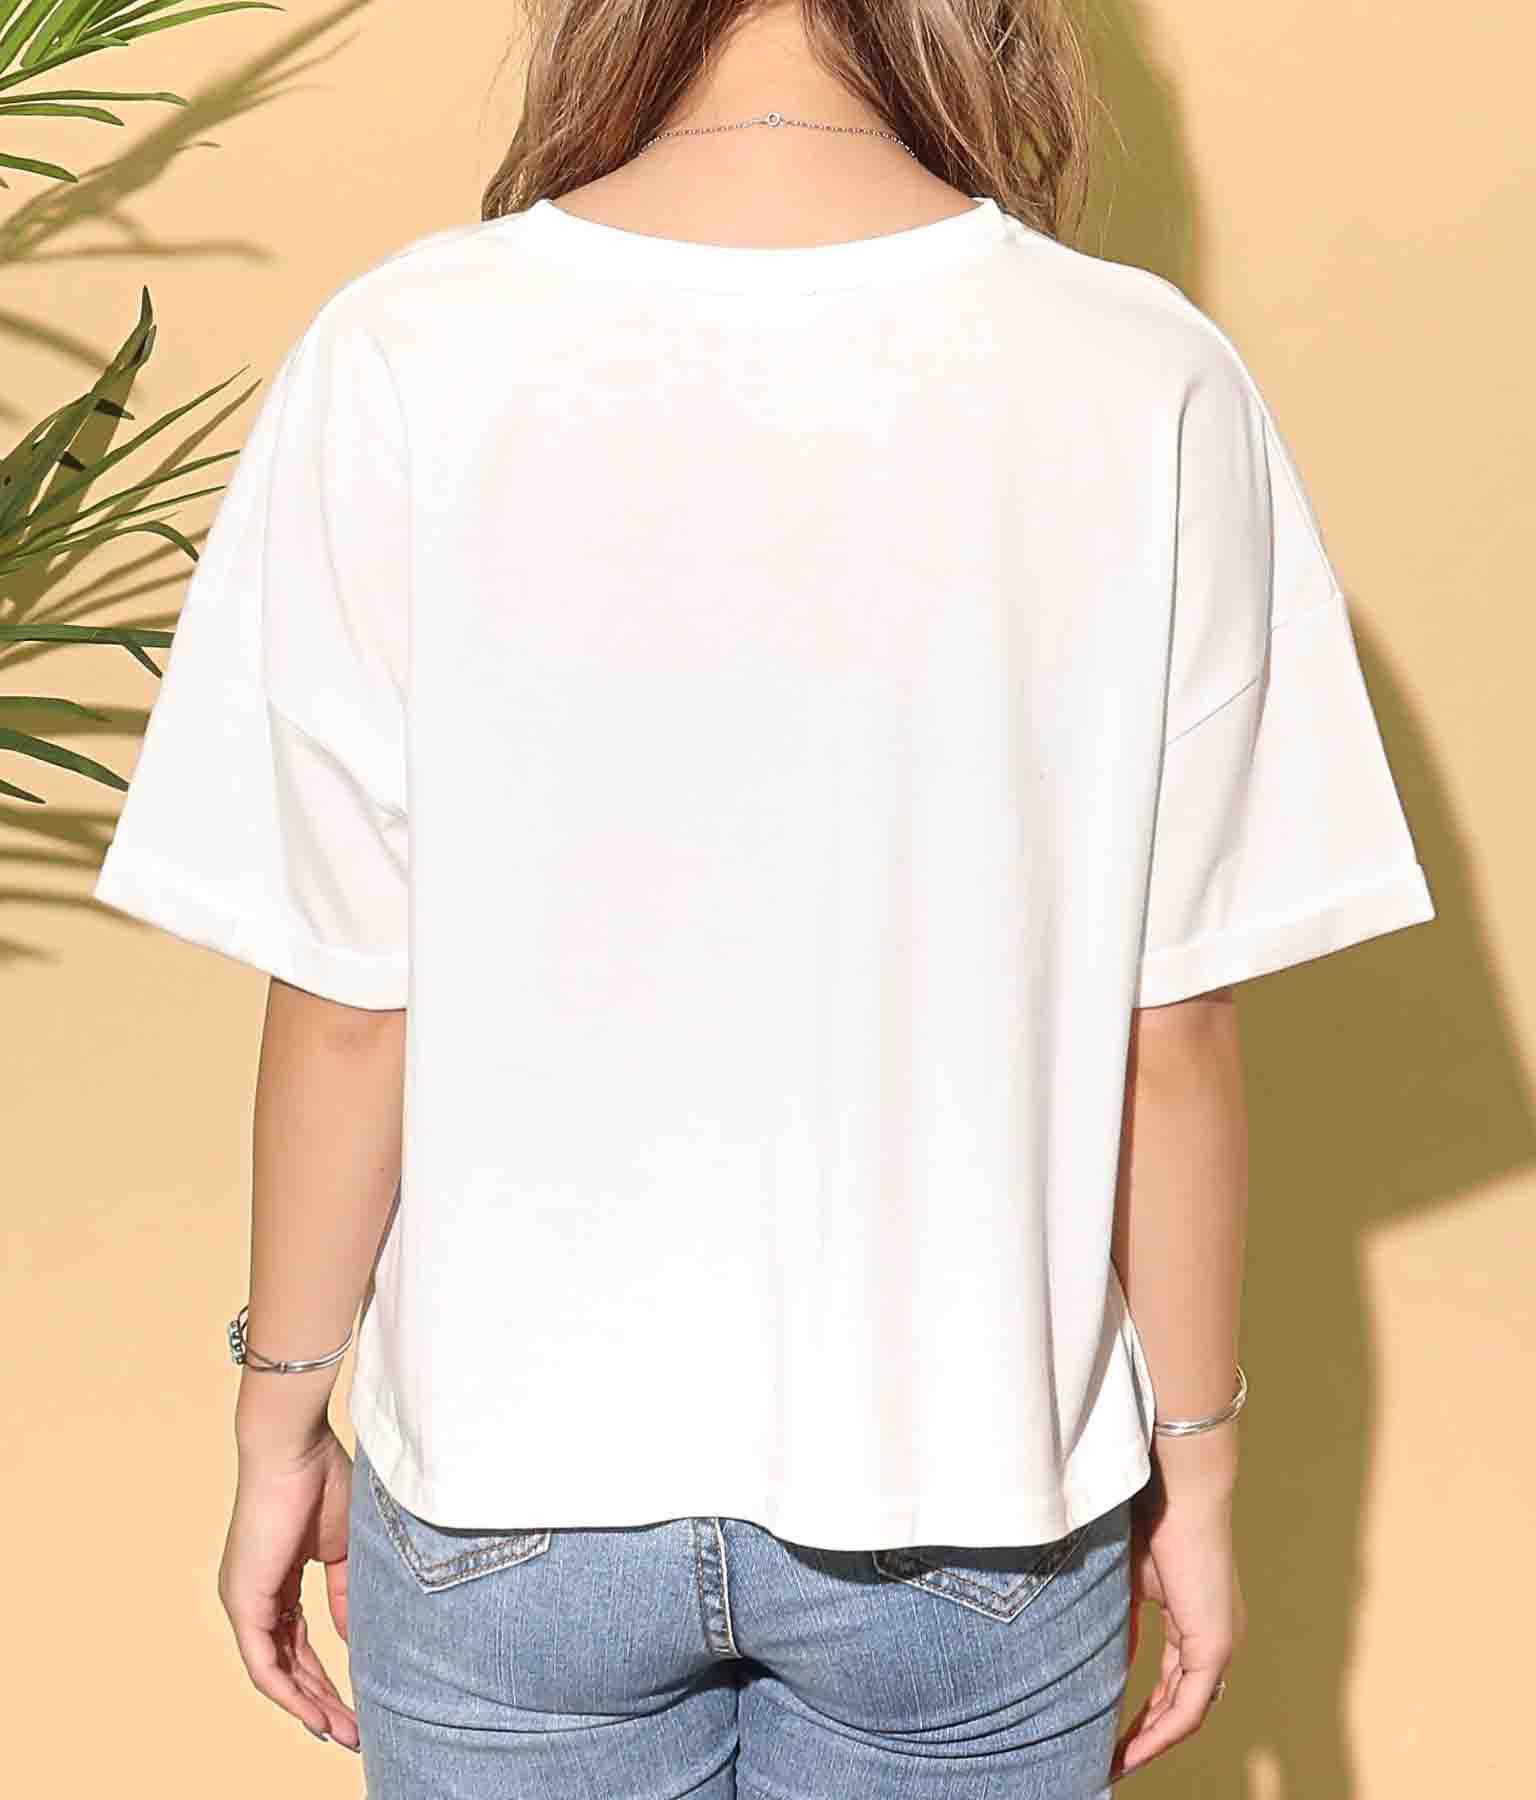 ペイズリーボックスロゴTシャツ | anap mimpi